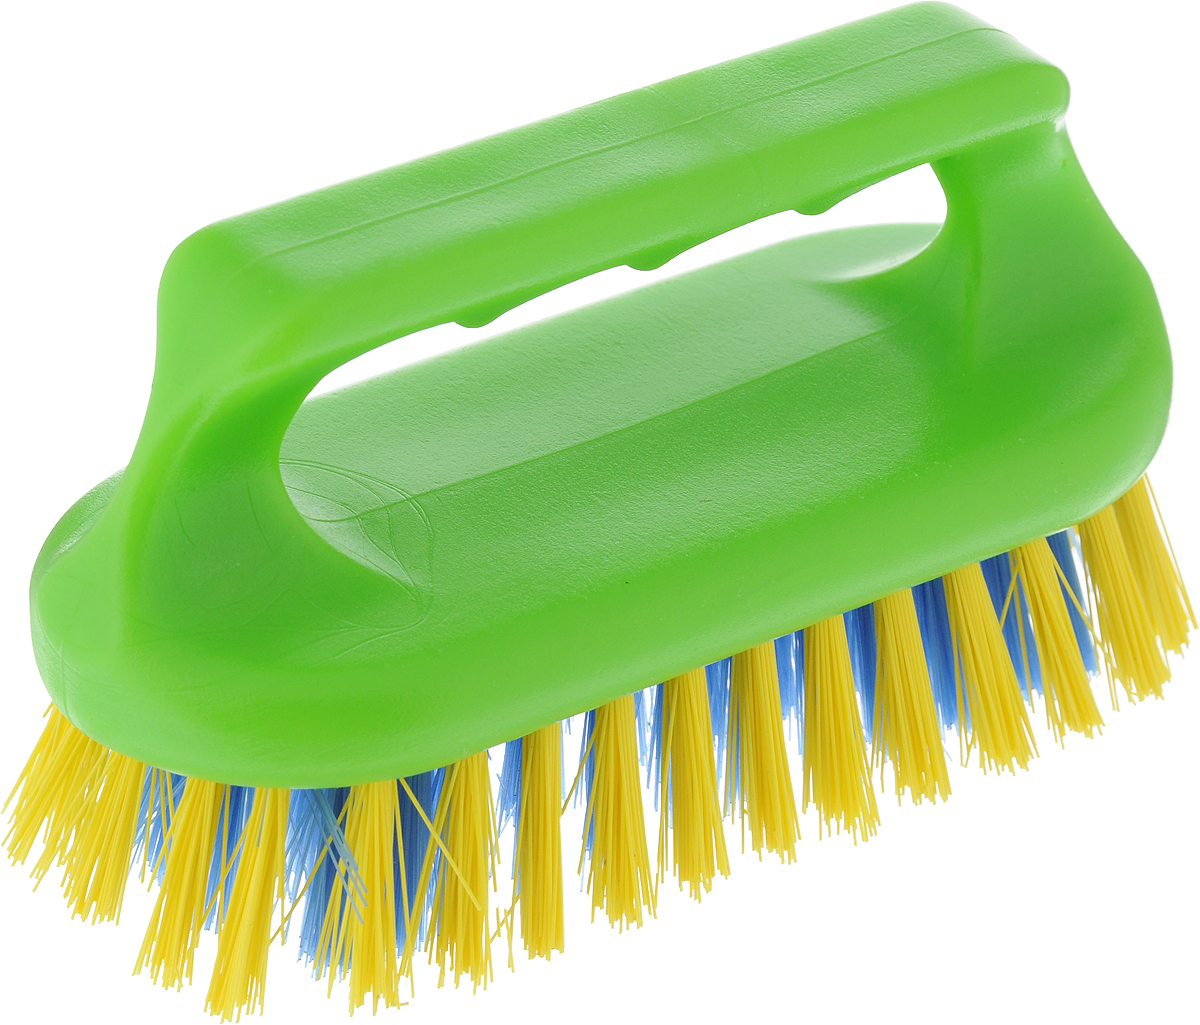 Щетка для ванны Хозяюшка Мила Сальвия, цвет: салатовый, желтый, синий24006_салатовый, желтый, синийЩетка для ванны Хозяюшка Мила Сальвия, изготовленная из высокопрочного пластика, идеально подходит для снятия сильных загрязнений. Удобная ручка делает процесс чистки комфортным, а форма щетки позволяет хорошо чистить даже труднодоступные места. Щетина средней жесткости не повреждает поверхность. Длина щетины: 2,5 см.